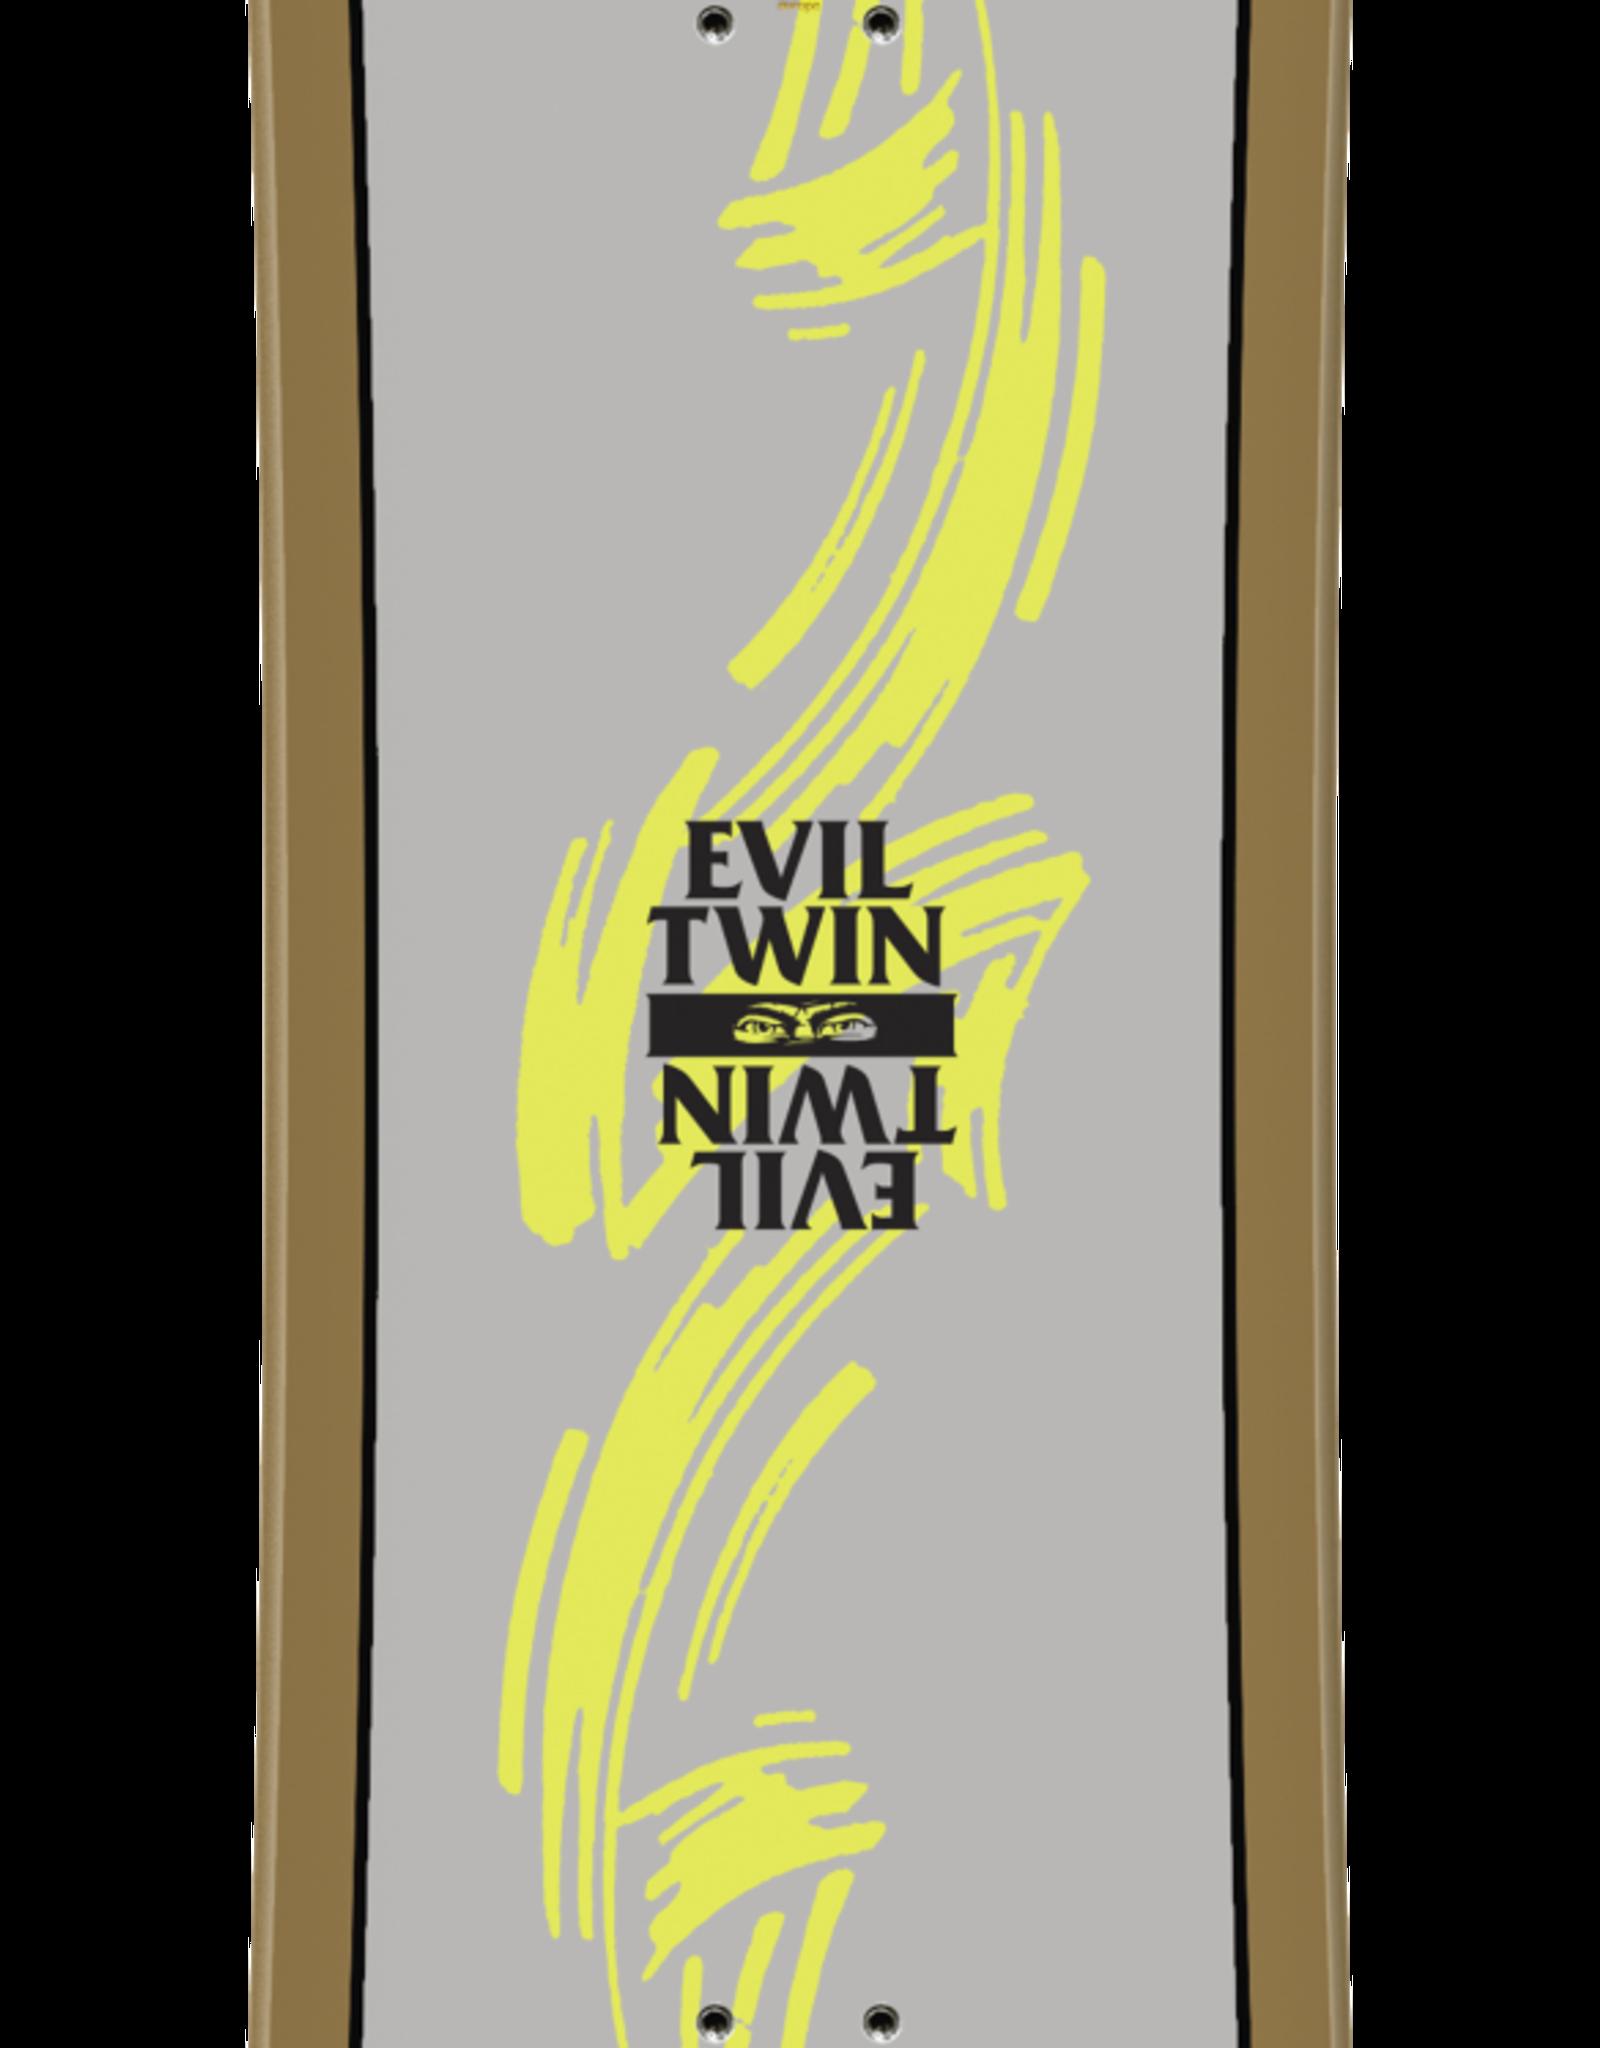 BATALEON BATALEON - EVIL TWIN - 154 - 19/20